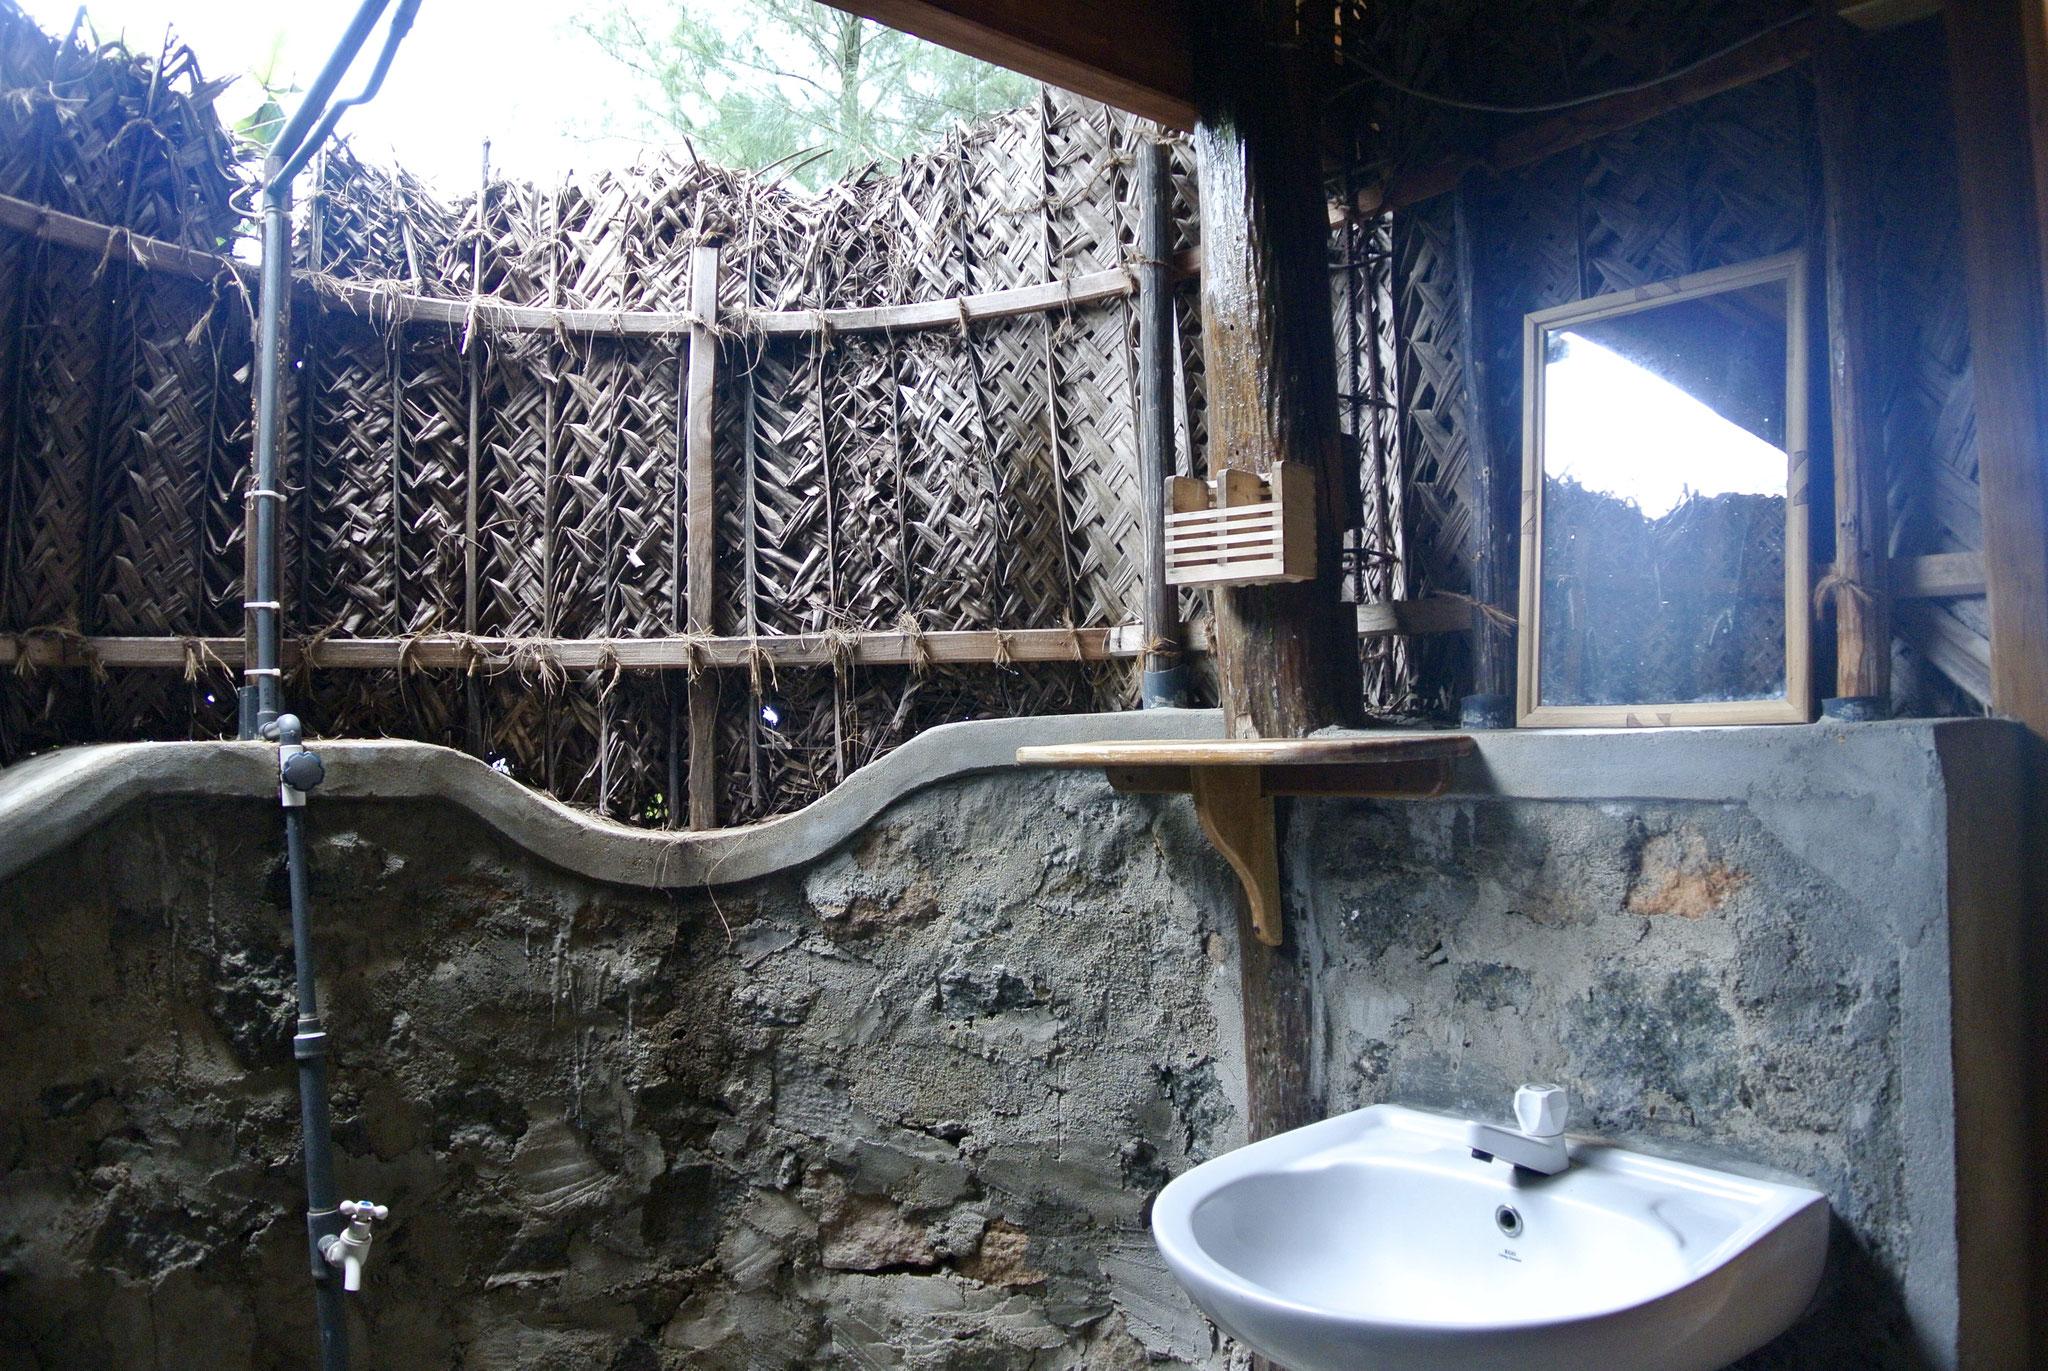 The Miro Cabana / Open Air Bathroom